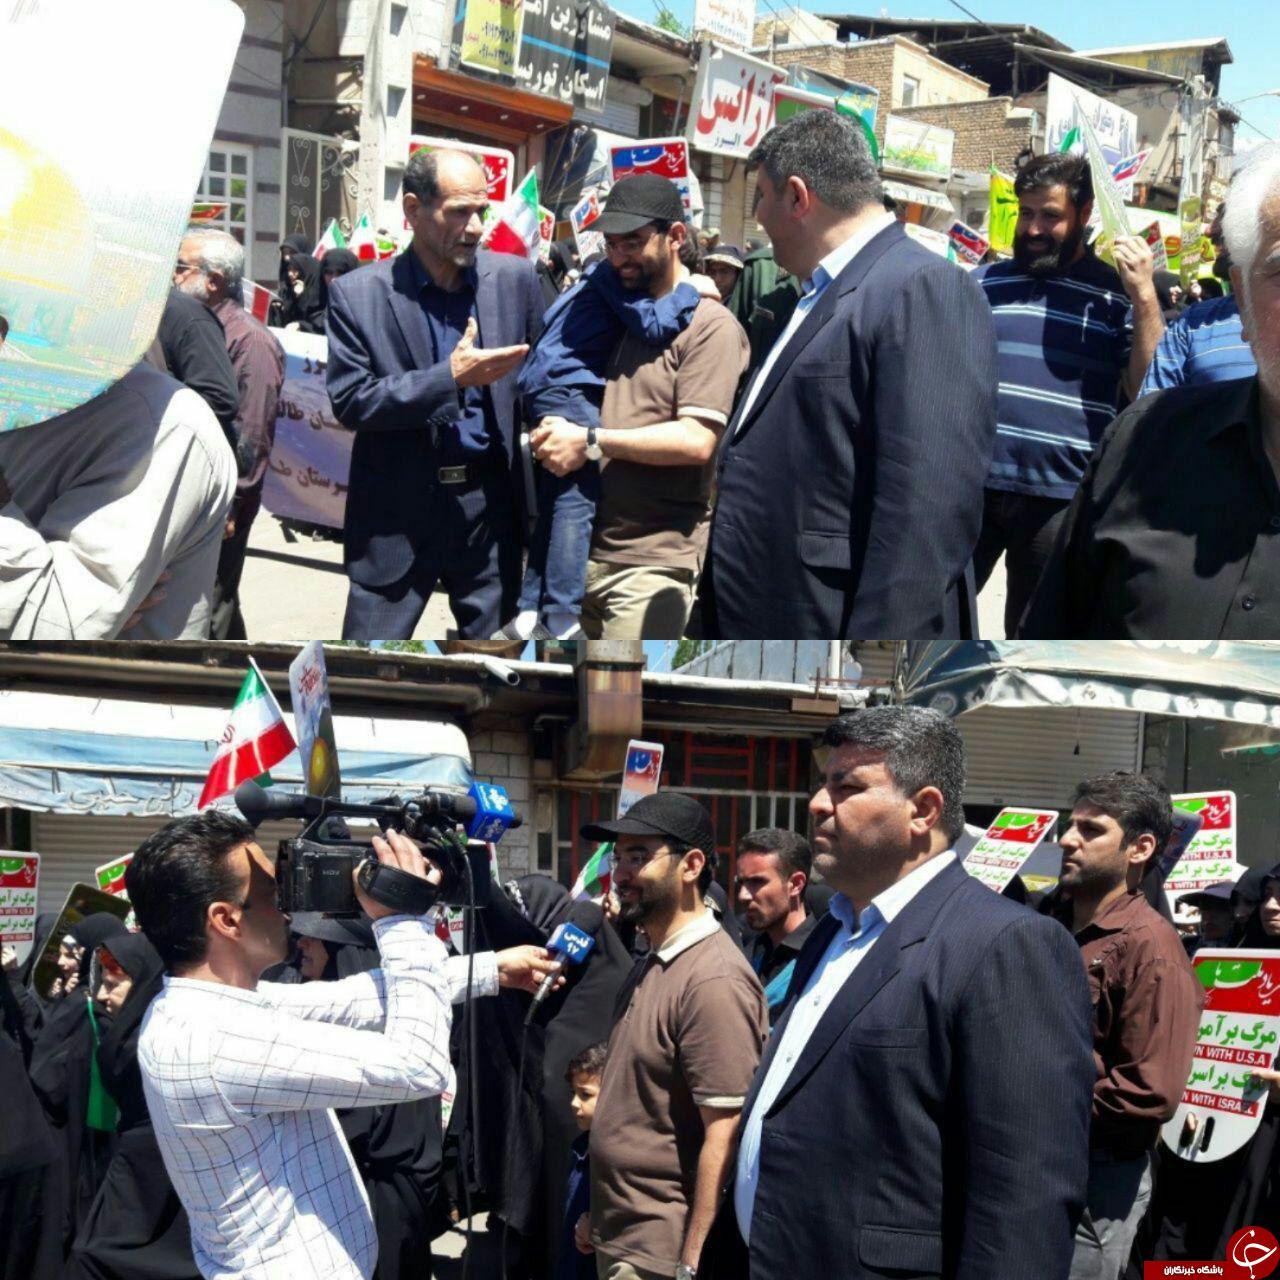 تیپ متفاوت آقای وزیر در راهپیمایی روز قدس +عکس